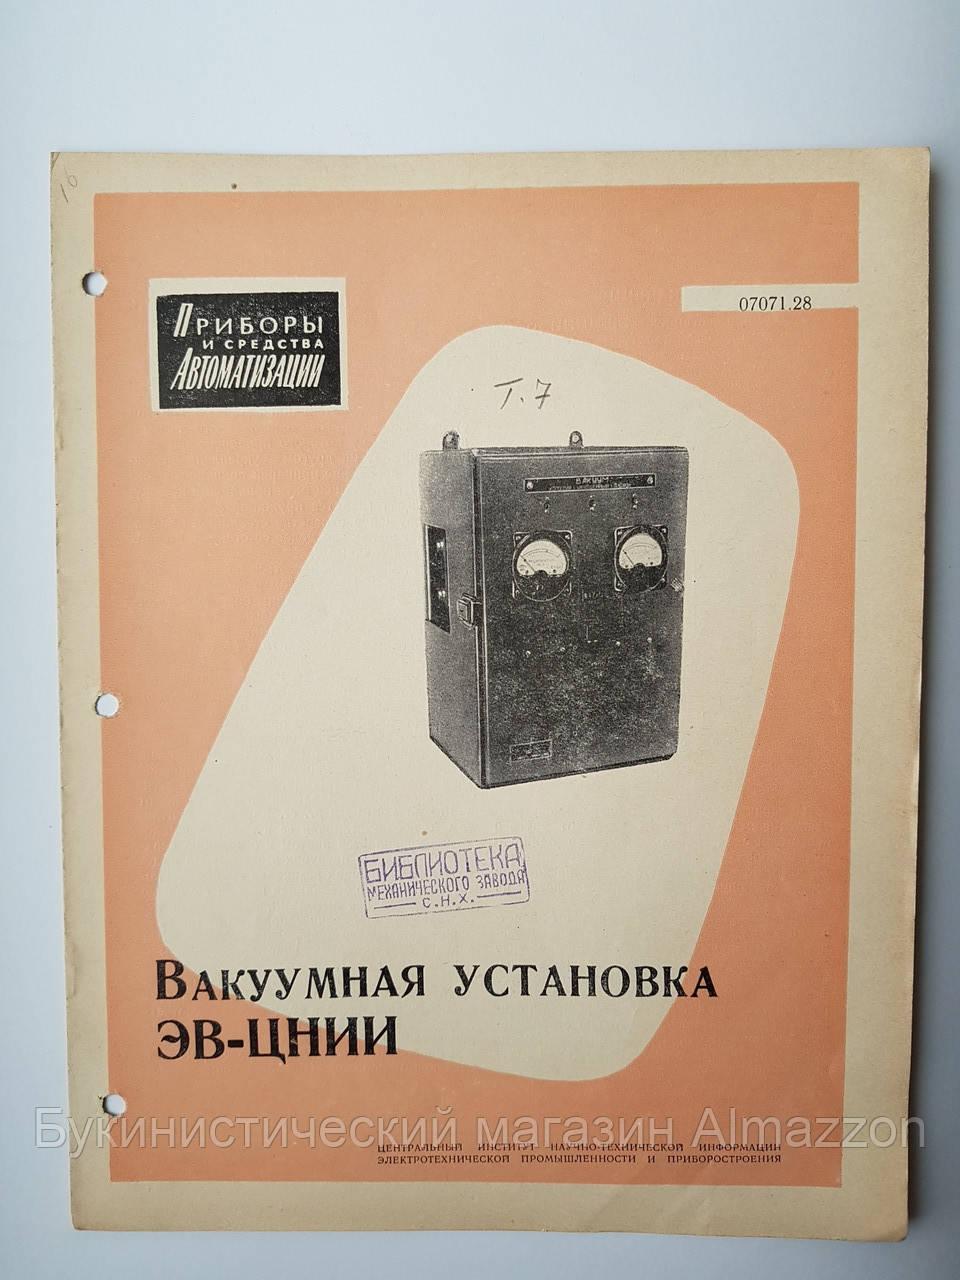 """Журнал (Бюллетень) """"Вакуумная установка ЭВ-ЦНИИ 07071.28"""" 1962 г."""